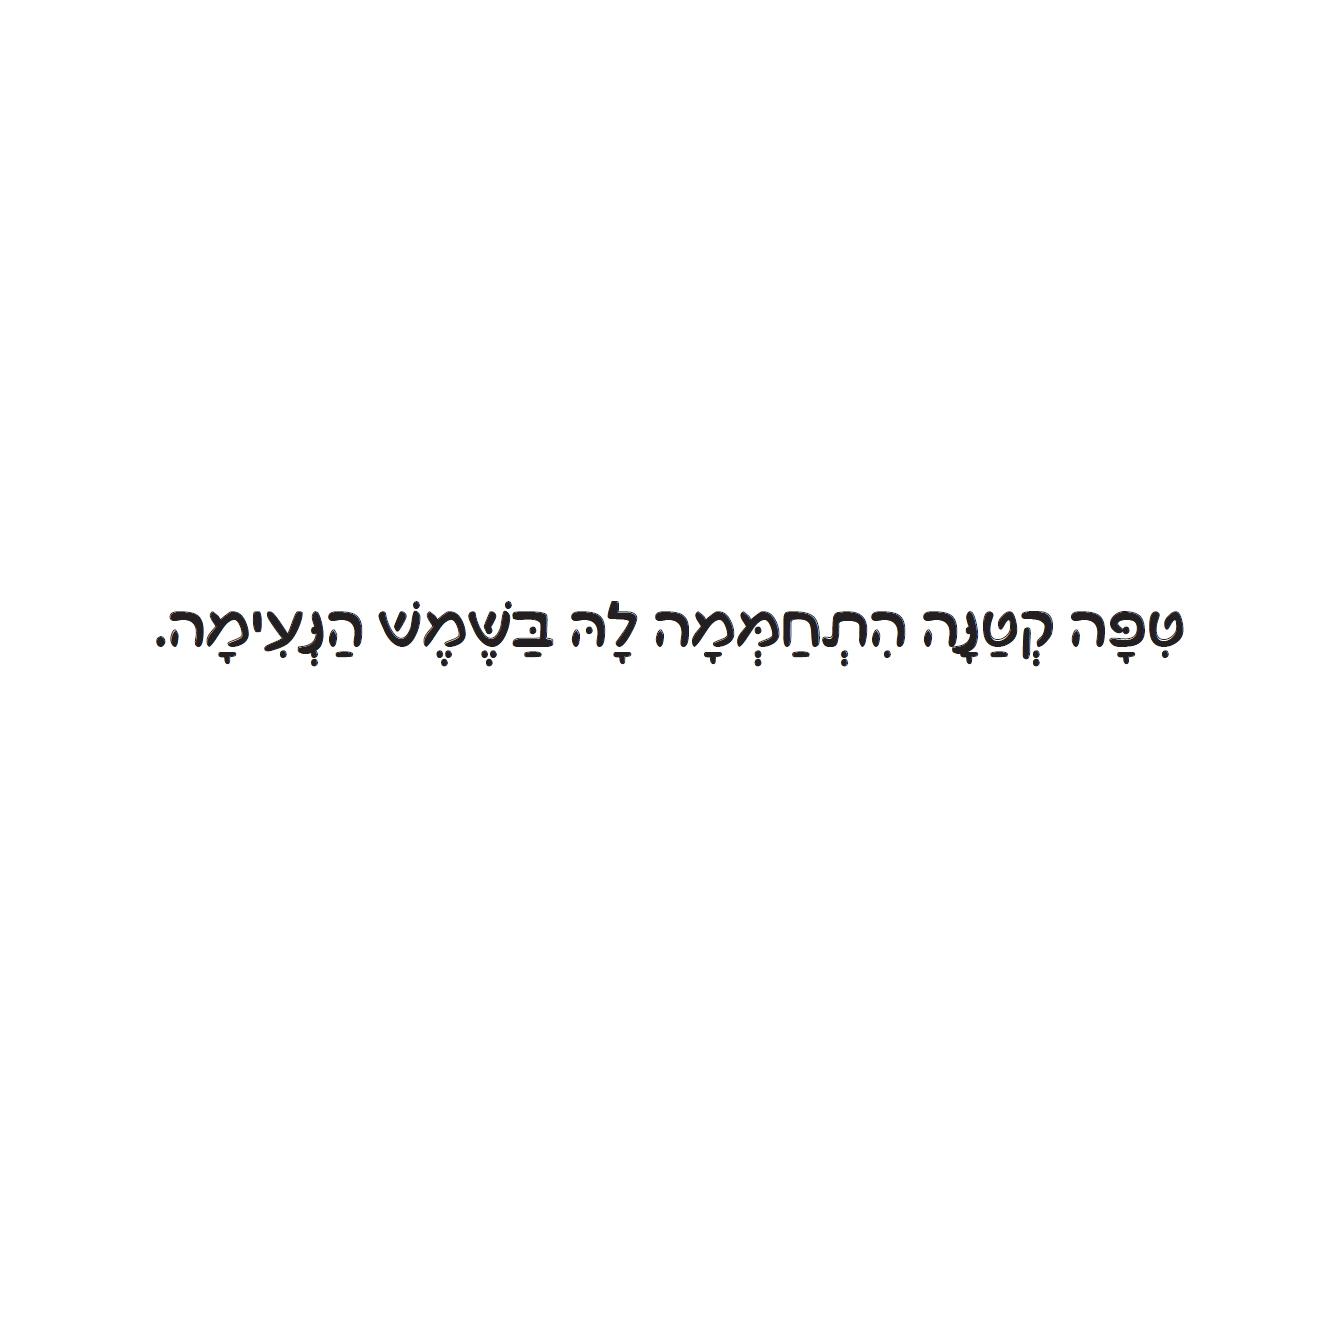 סיפר הטיפה by Sagi Ben Ezer - Illustrated by Irena Brodeski - Ourboox.com